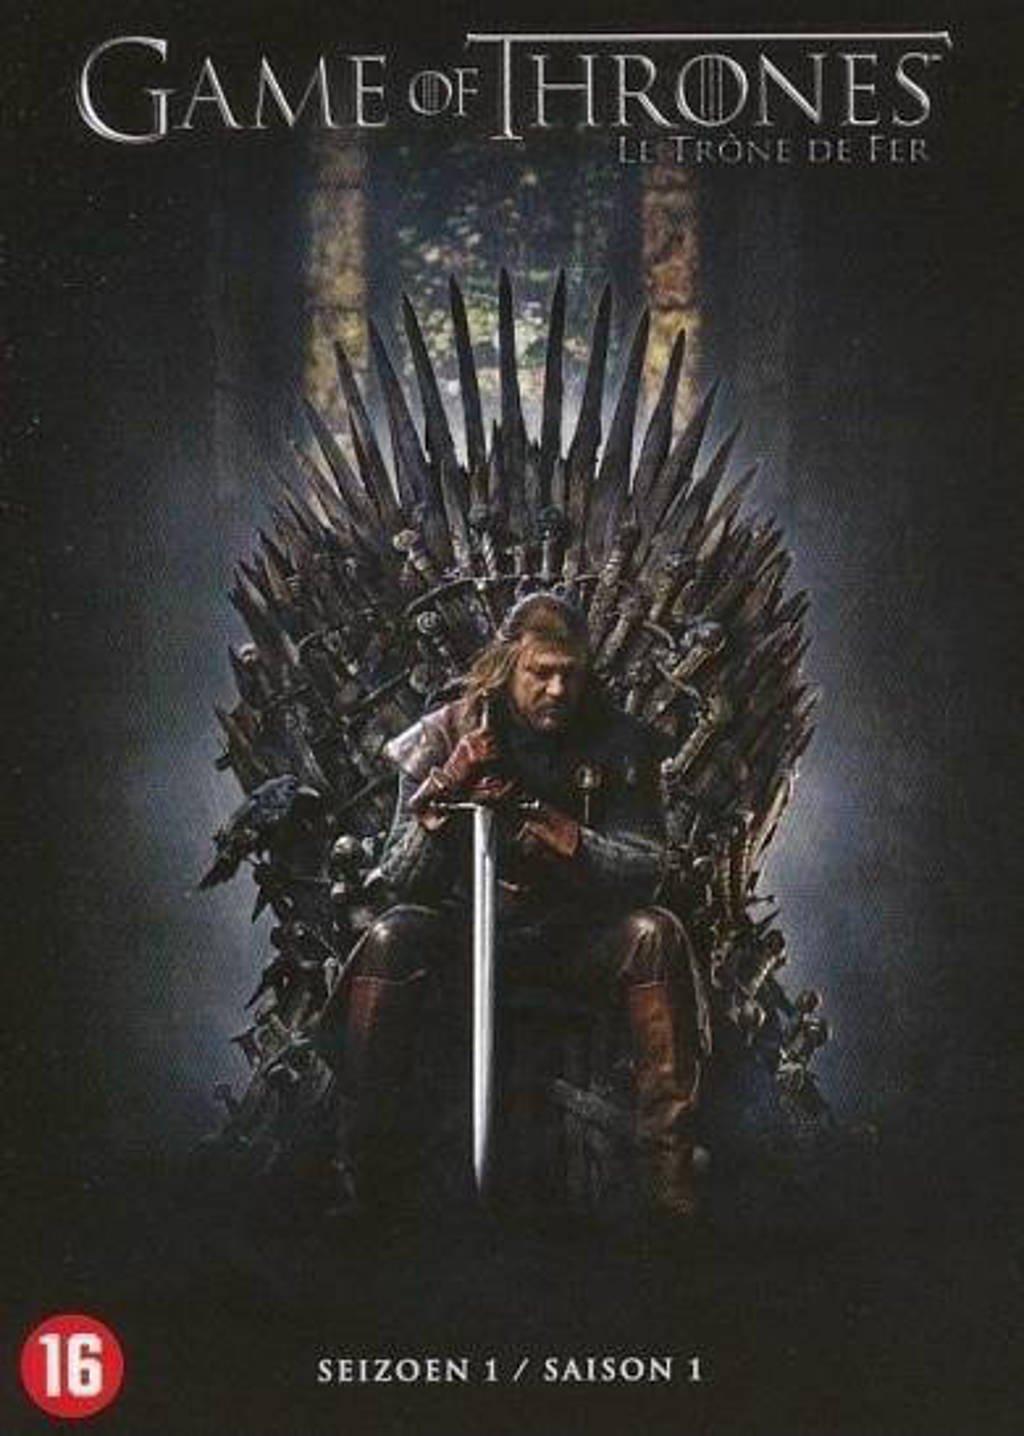 Game of thrones - Seizoen 1 (DVD)